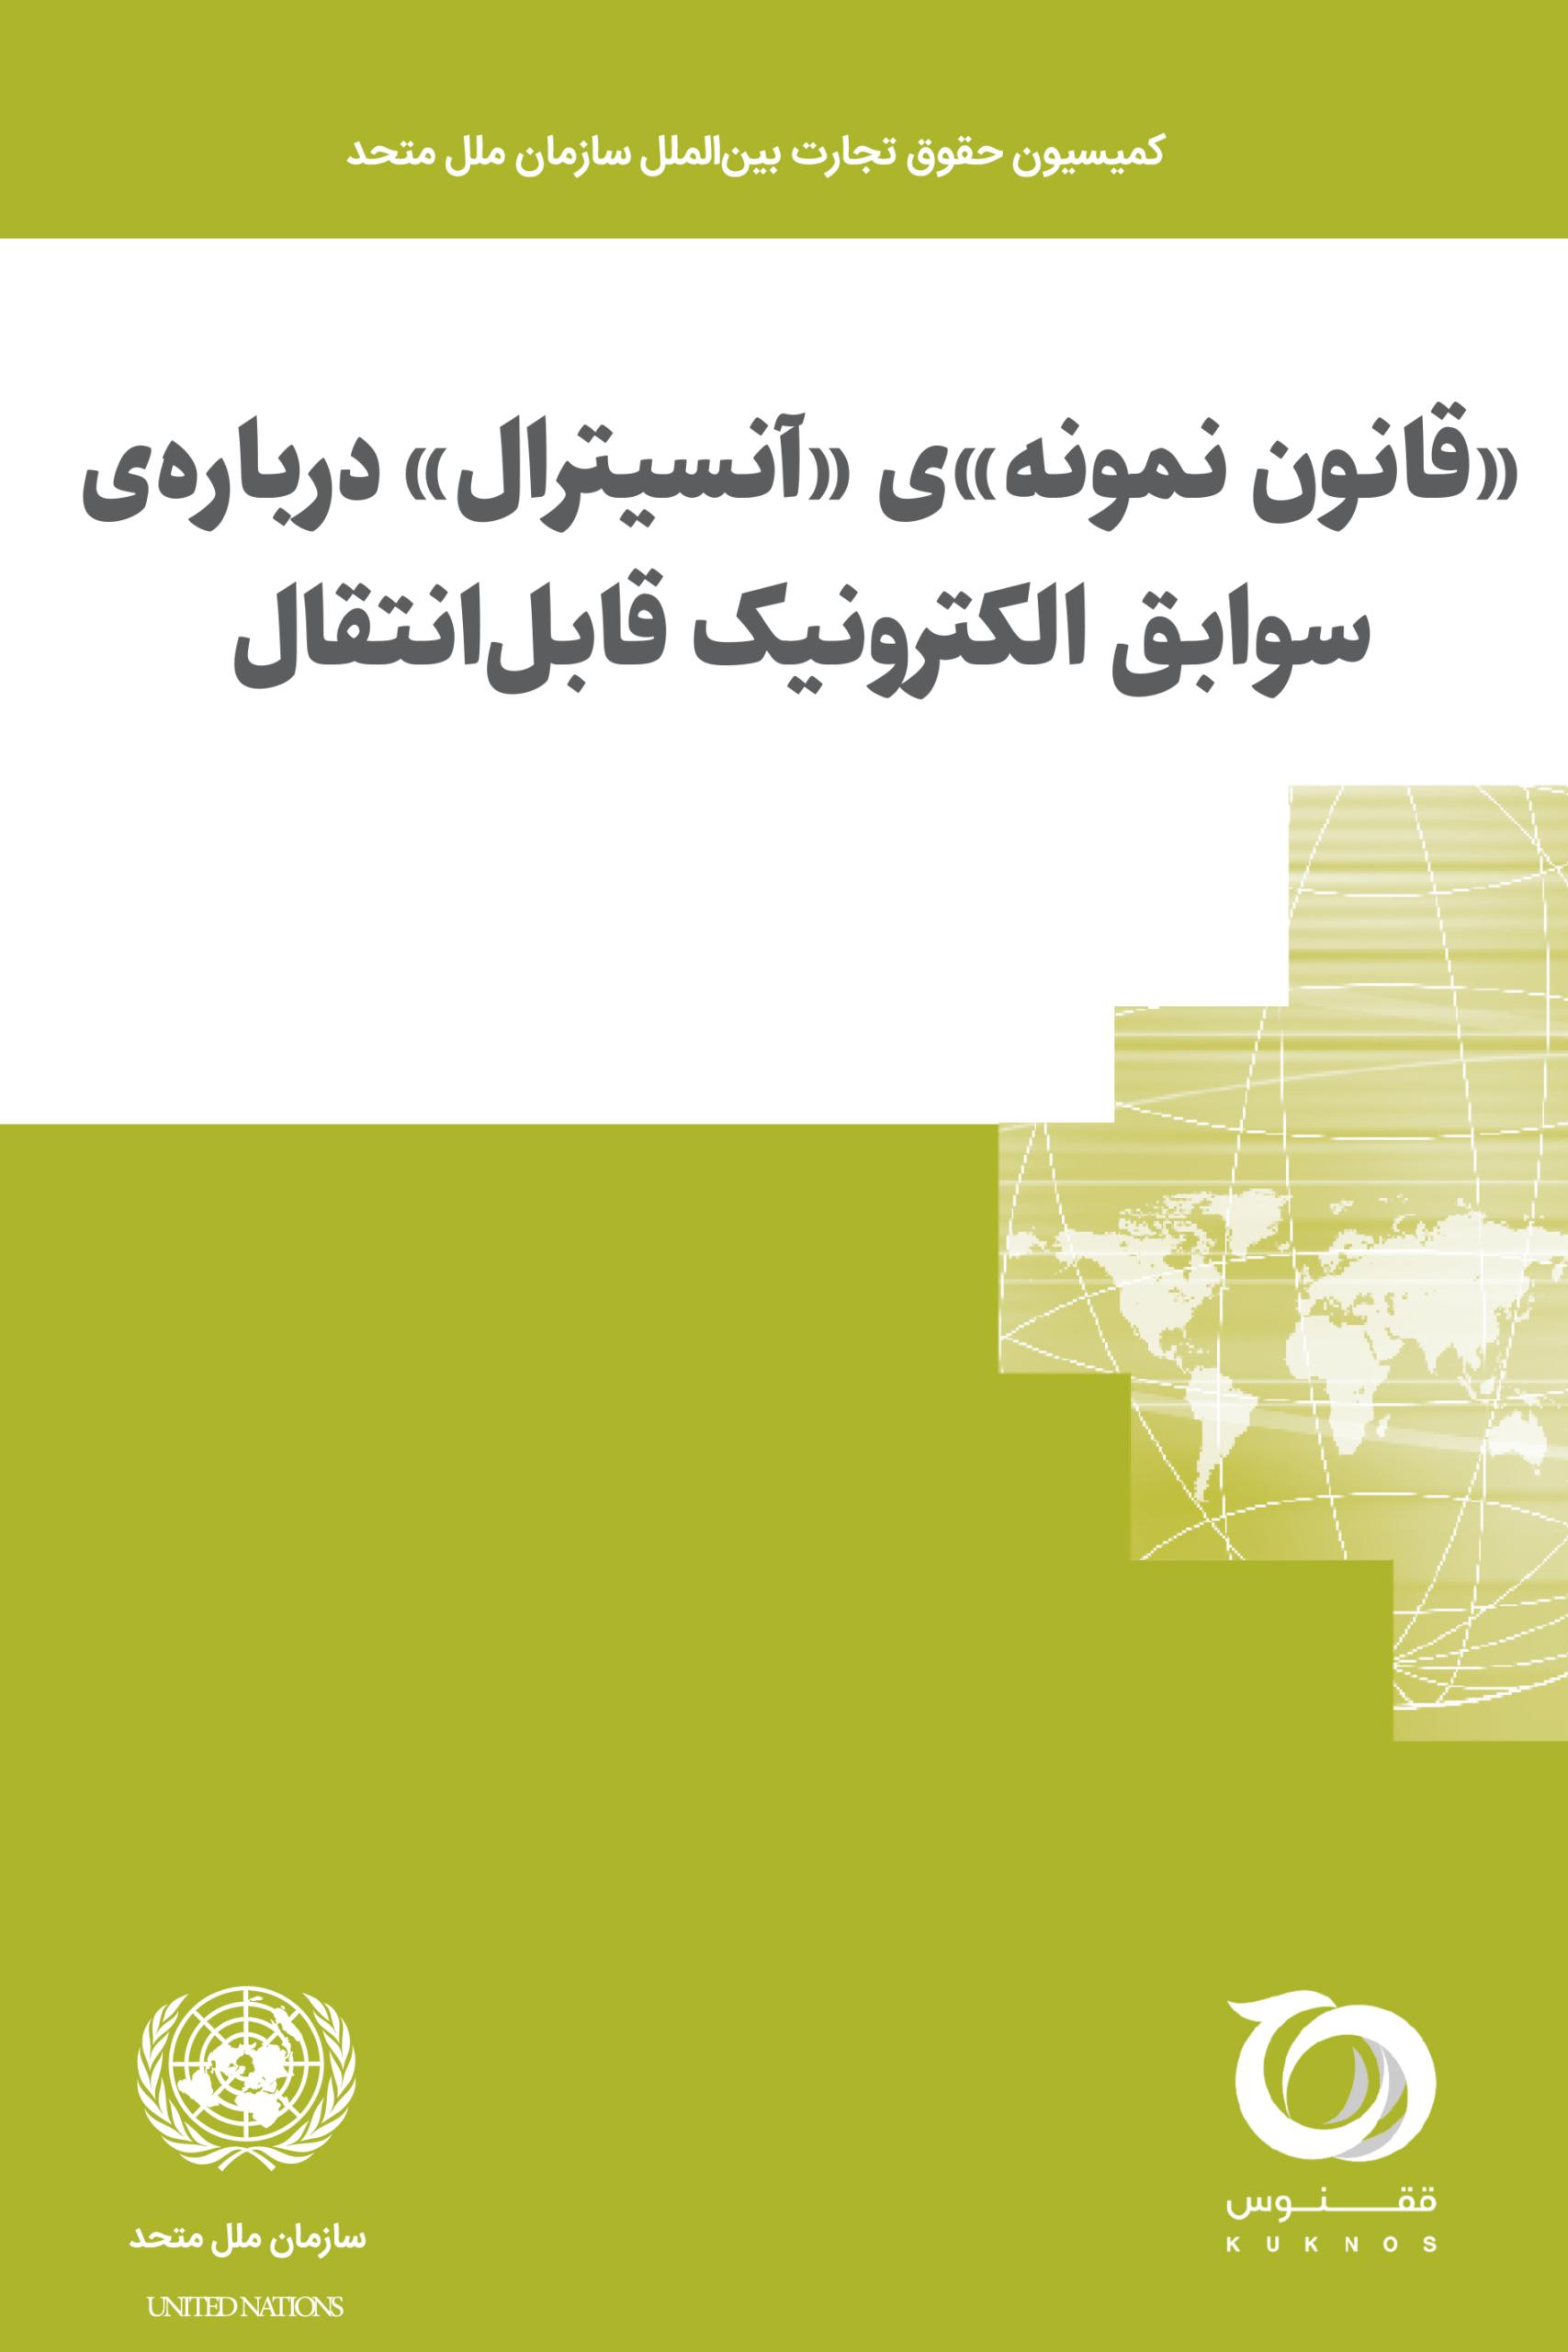 کتاب قانون نمونه اسناد تجاری دیجیتال MLETR